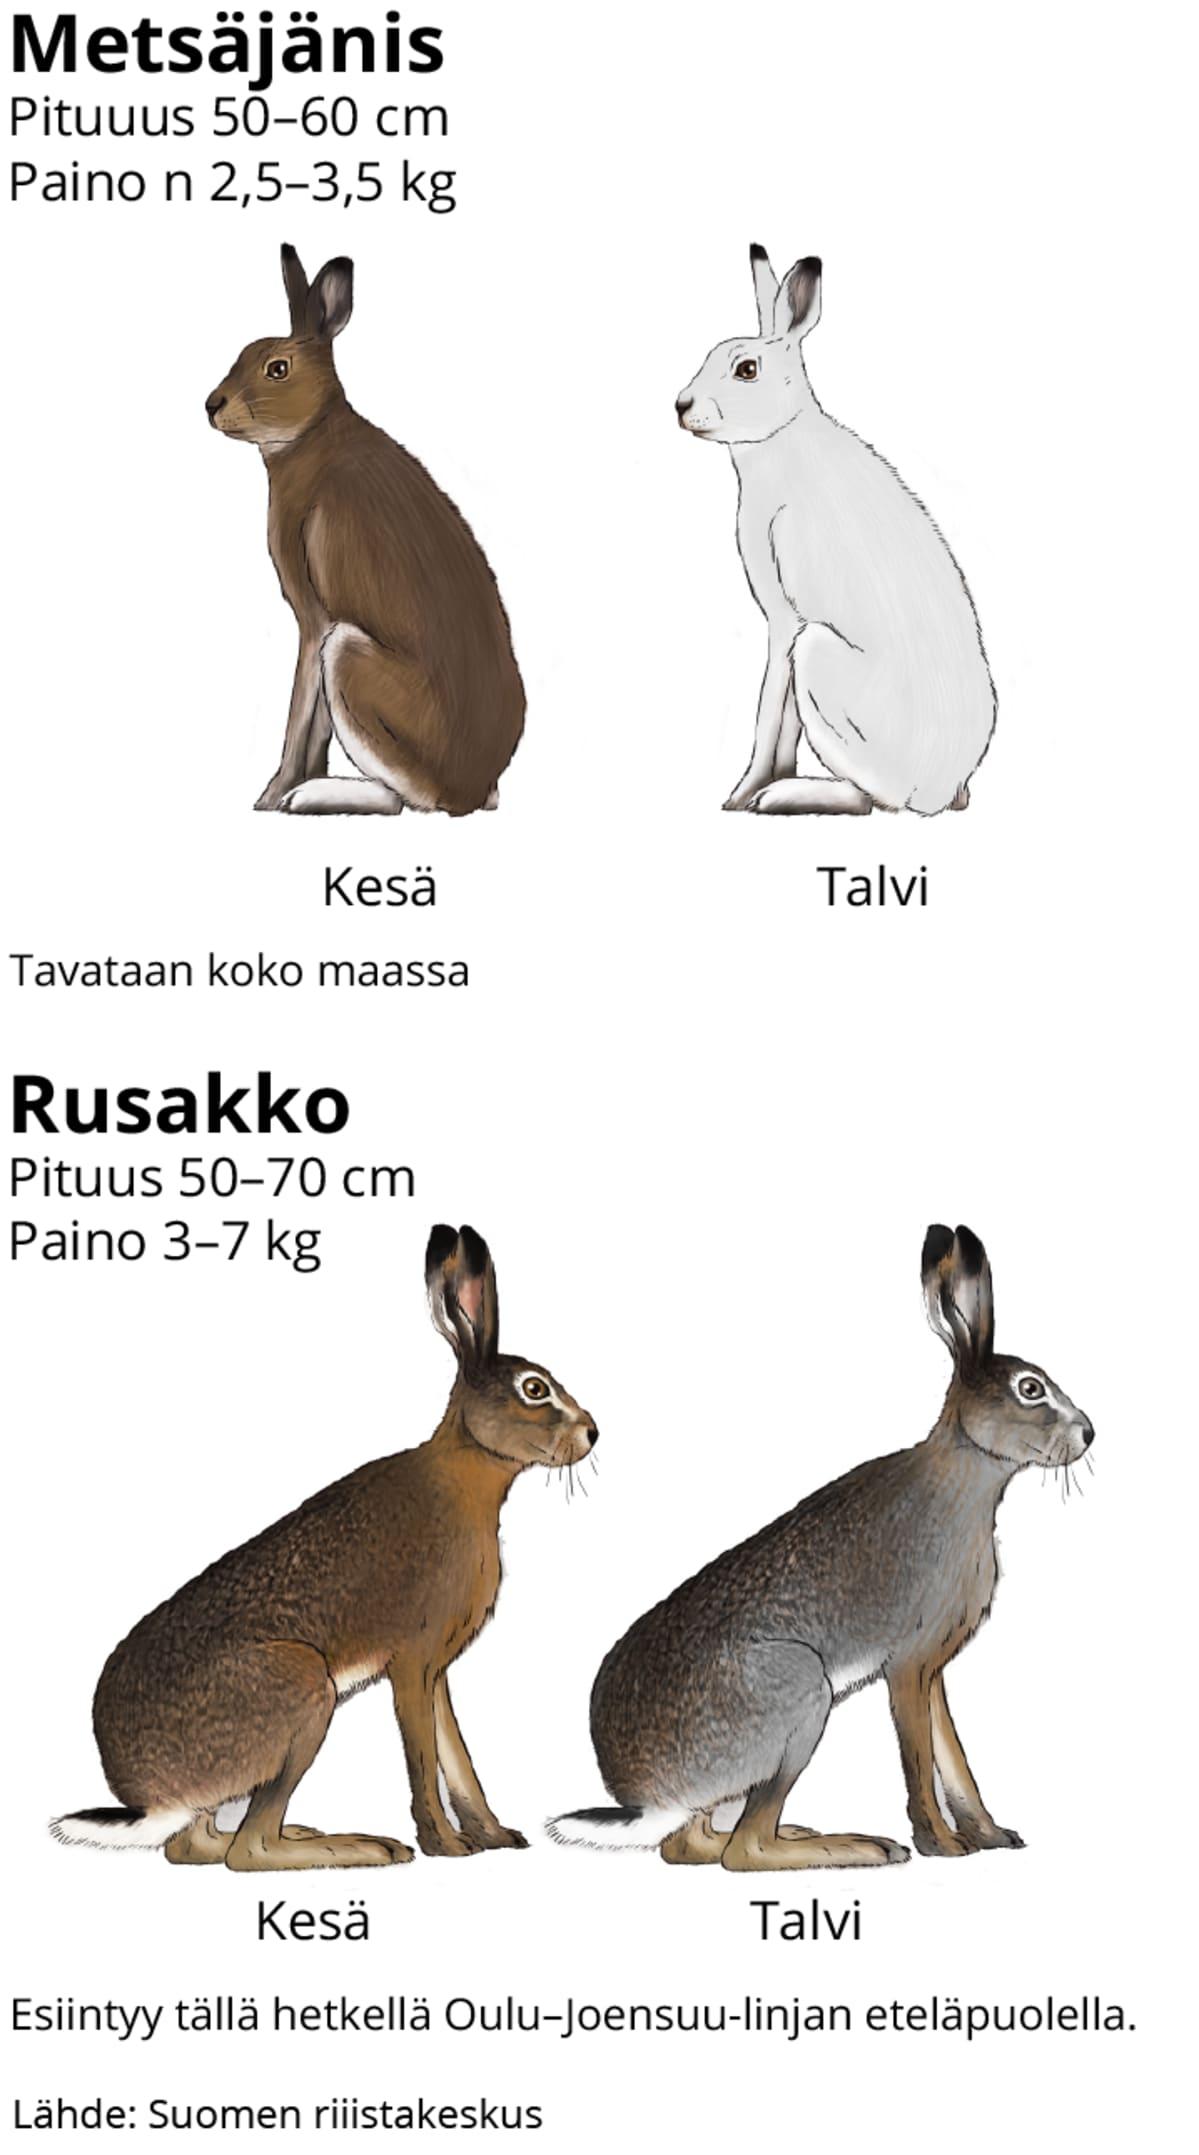 Metsäjänis: Pituuus 50–60 cm, paino n 2,5–3,5 kg, Rusakko:Pituus 50–70 cm, paino 3–7 kg